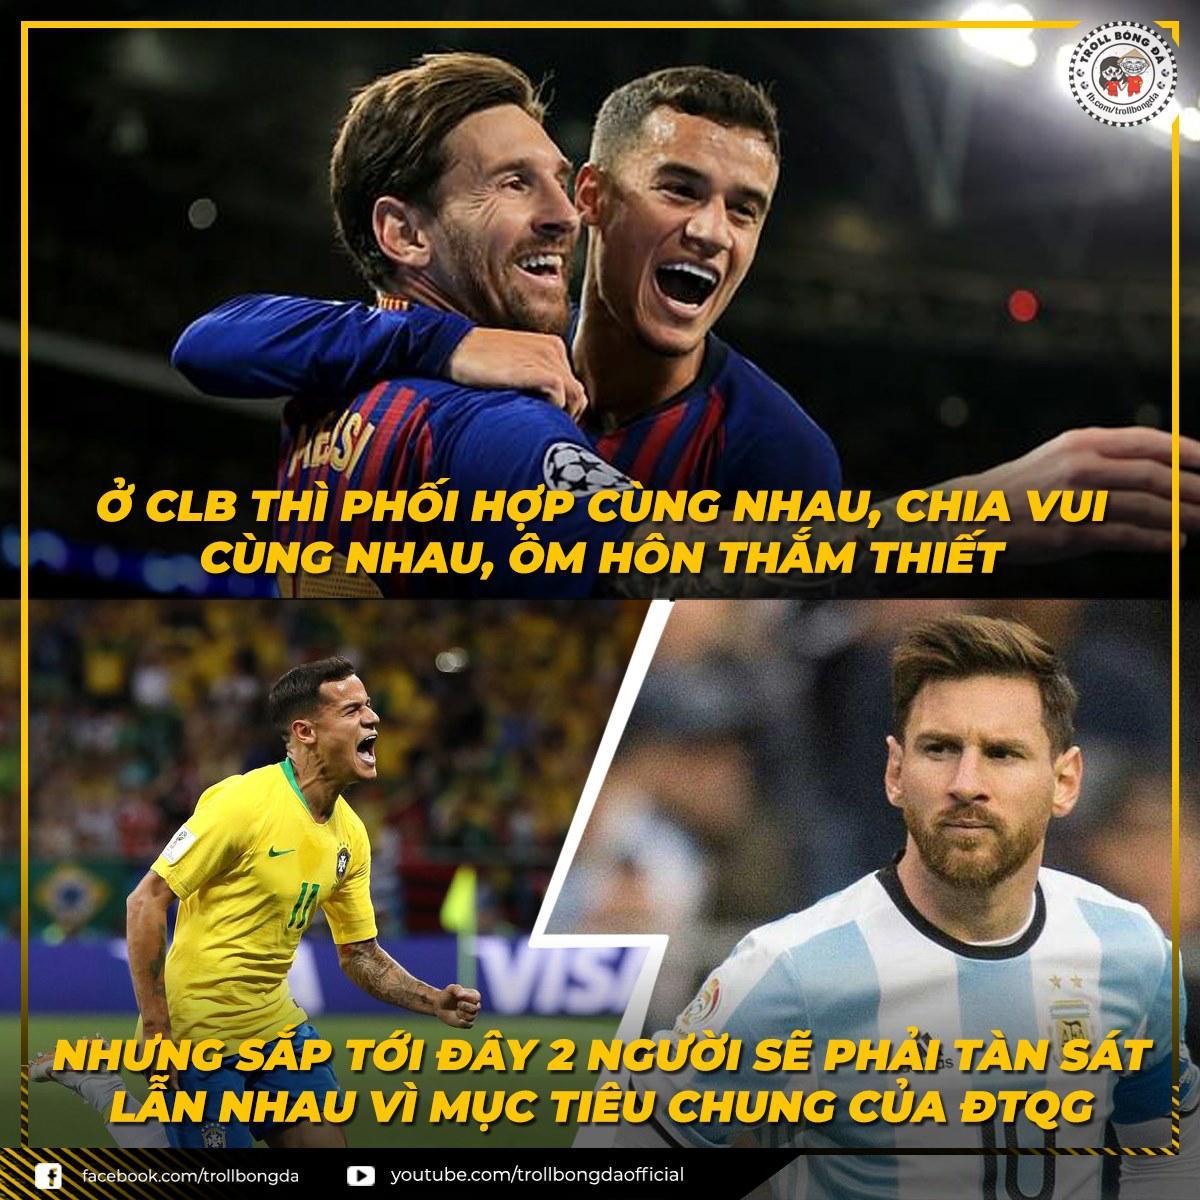 Biếm họa 24h: Colombia nhận cái kết đắng, Messi đọ sức Coutinho Ảnh 5